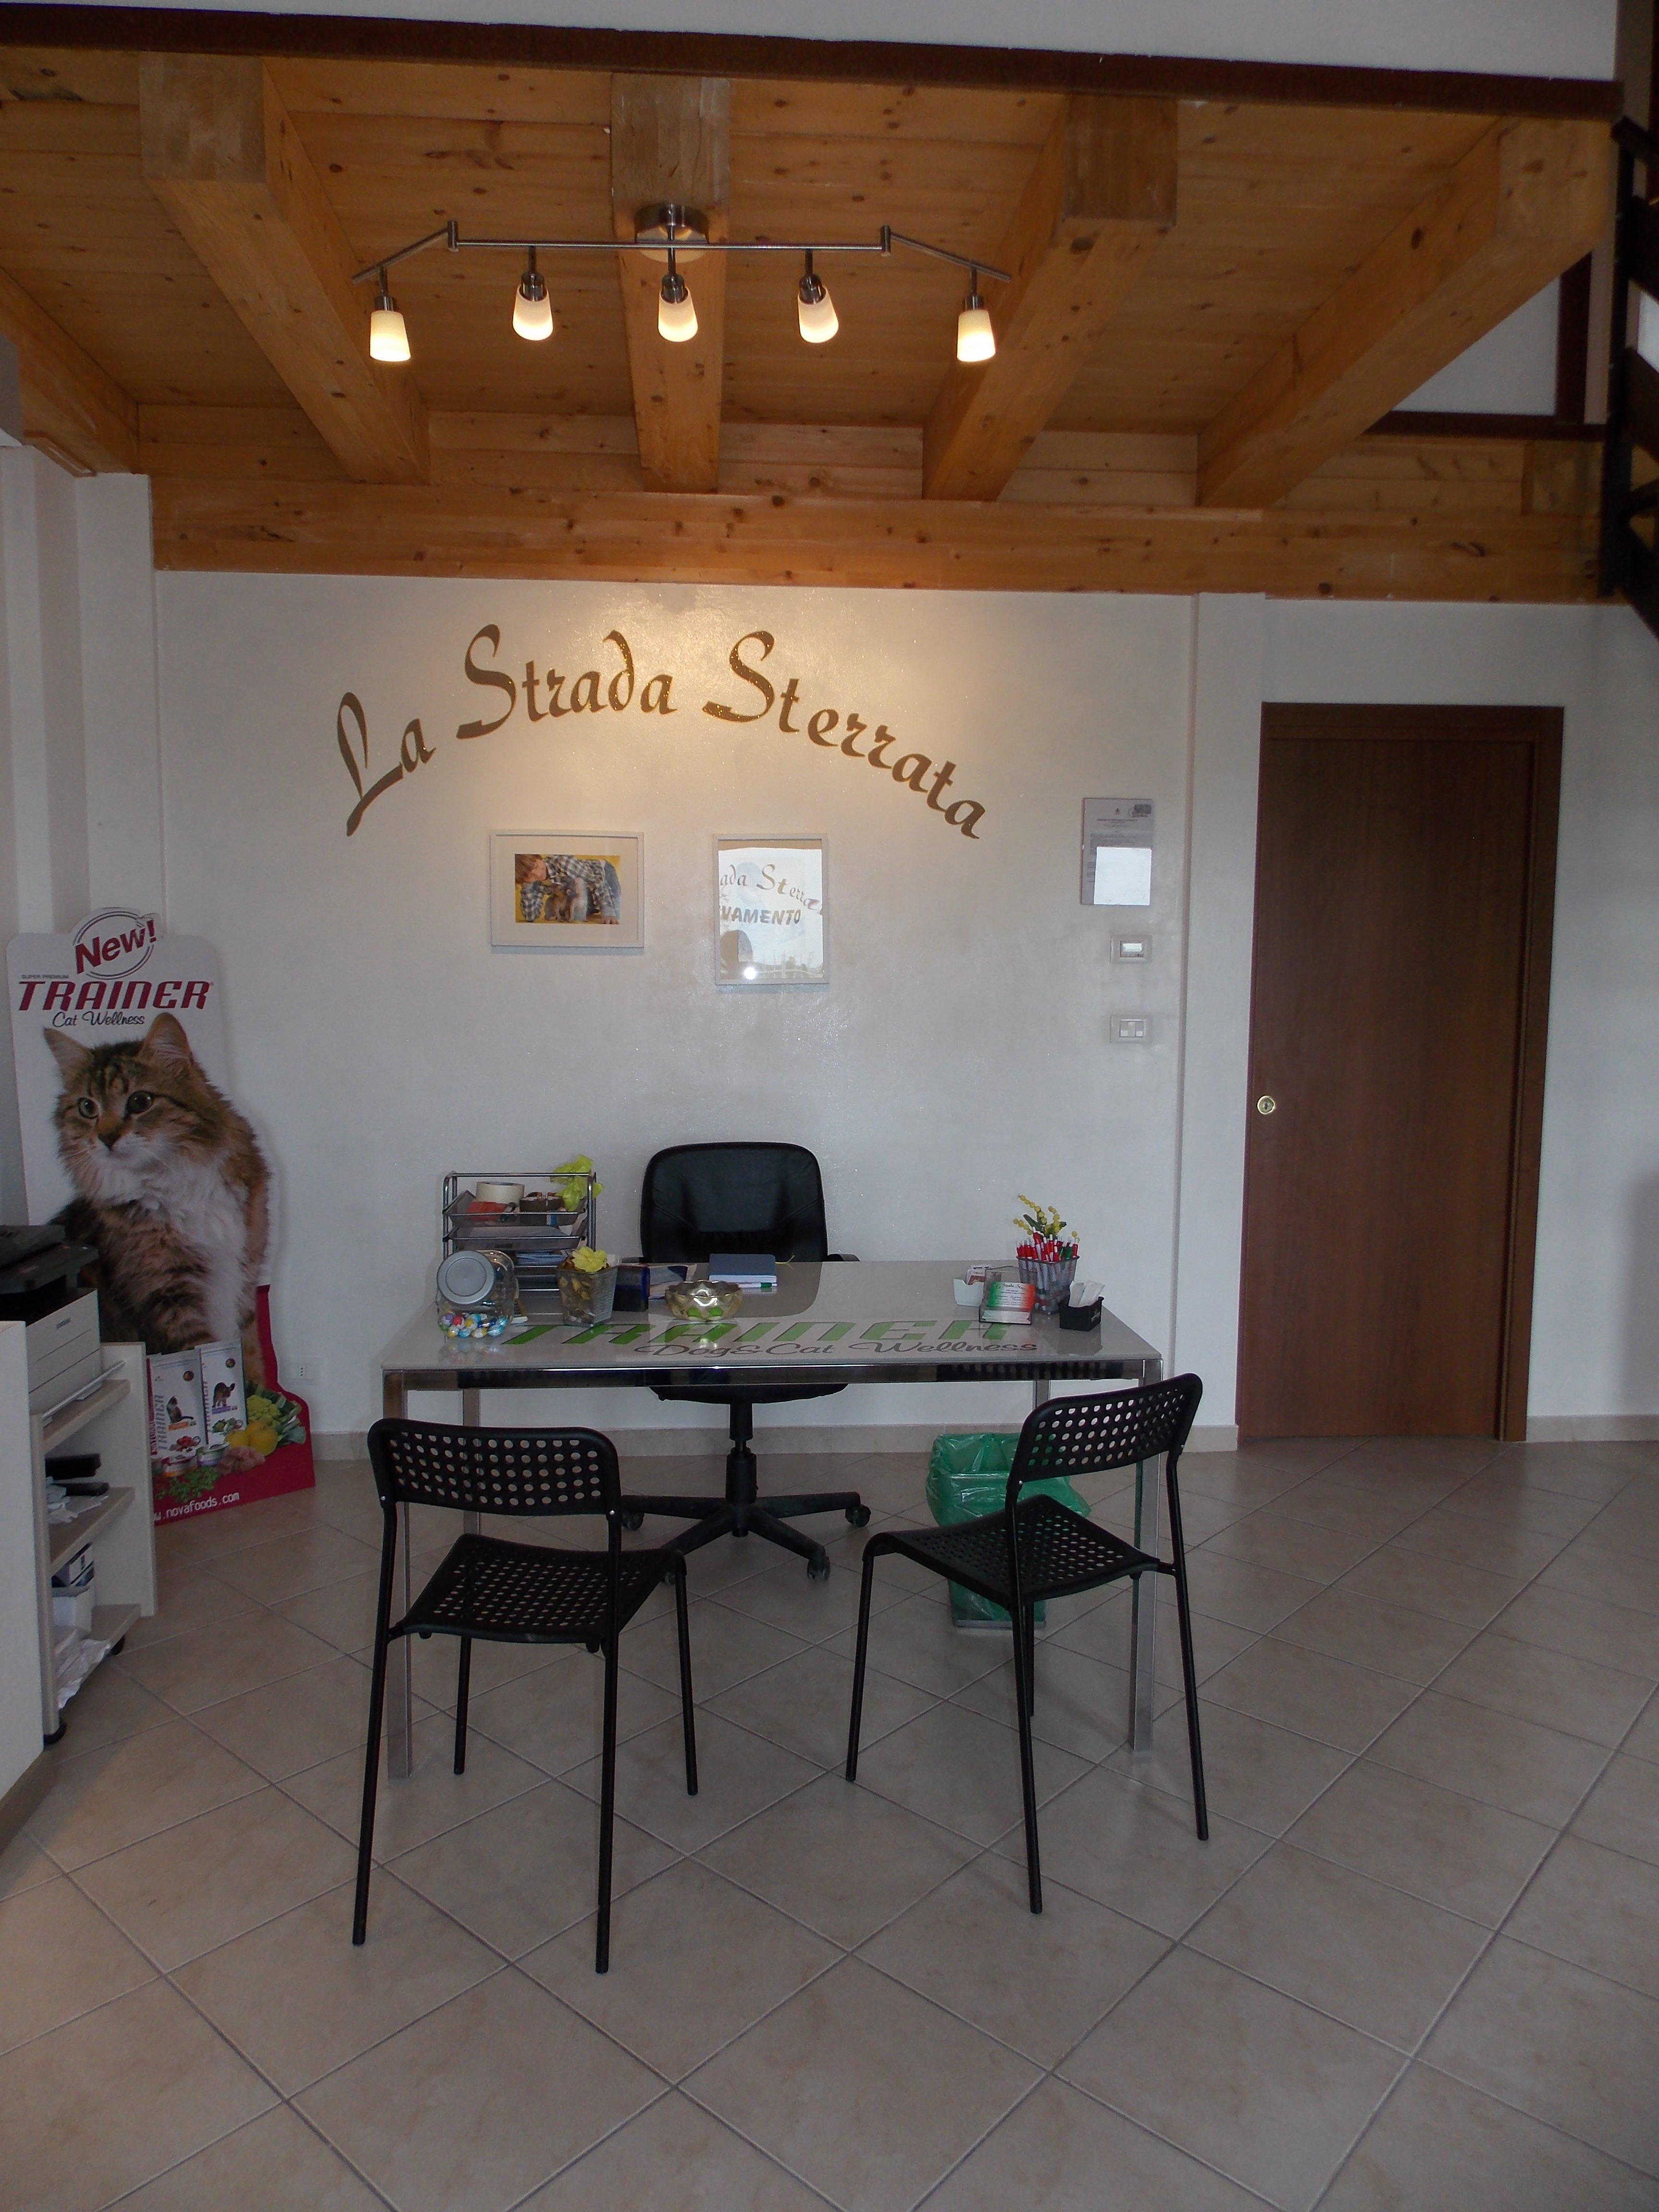 Sala d'attesa del negozio La Strada Sterrata - Articoli per Animali a Vigone